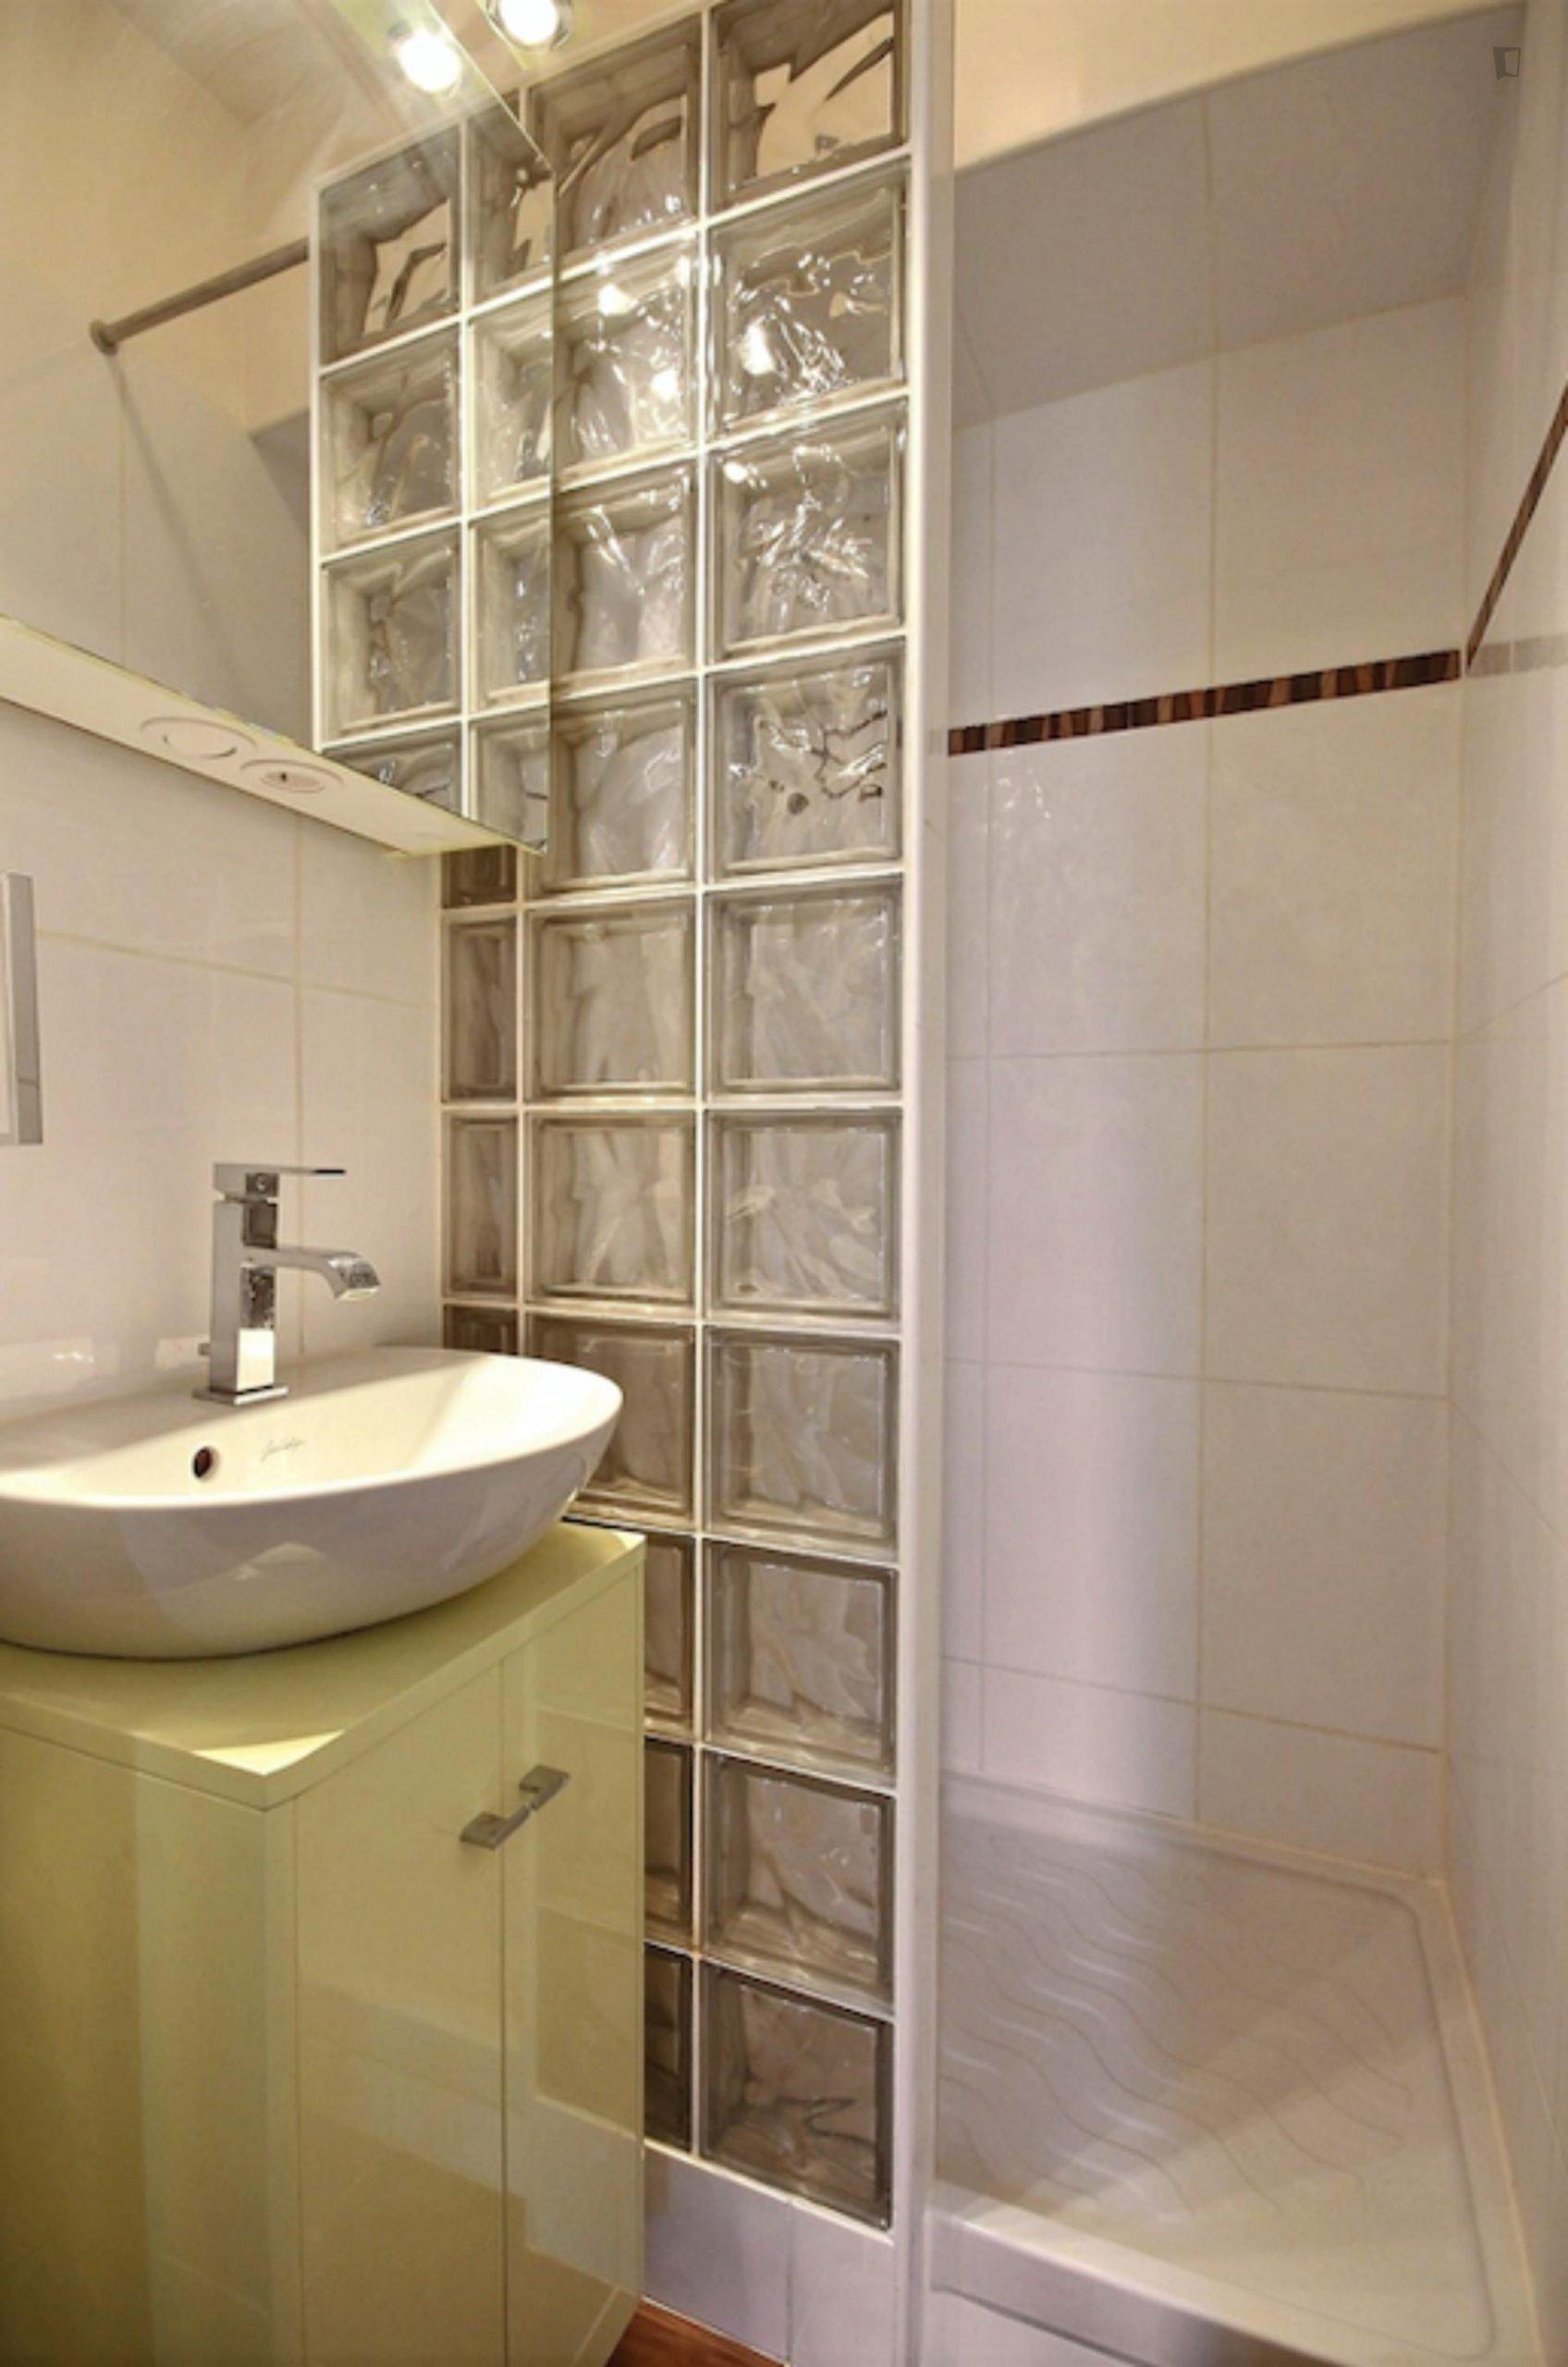 Hamelin - Welcoming apartment in Paris